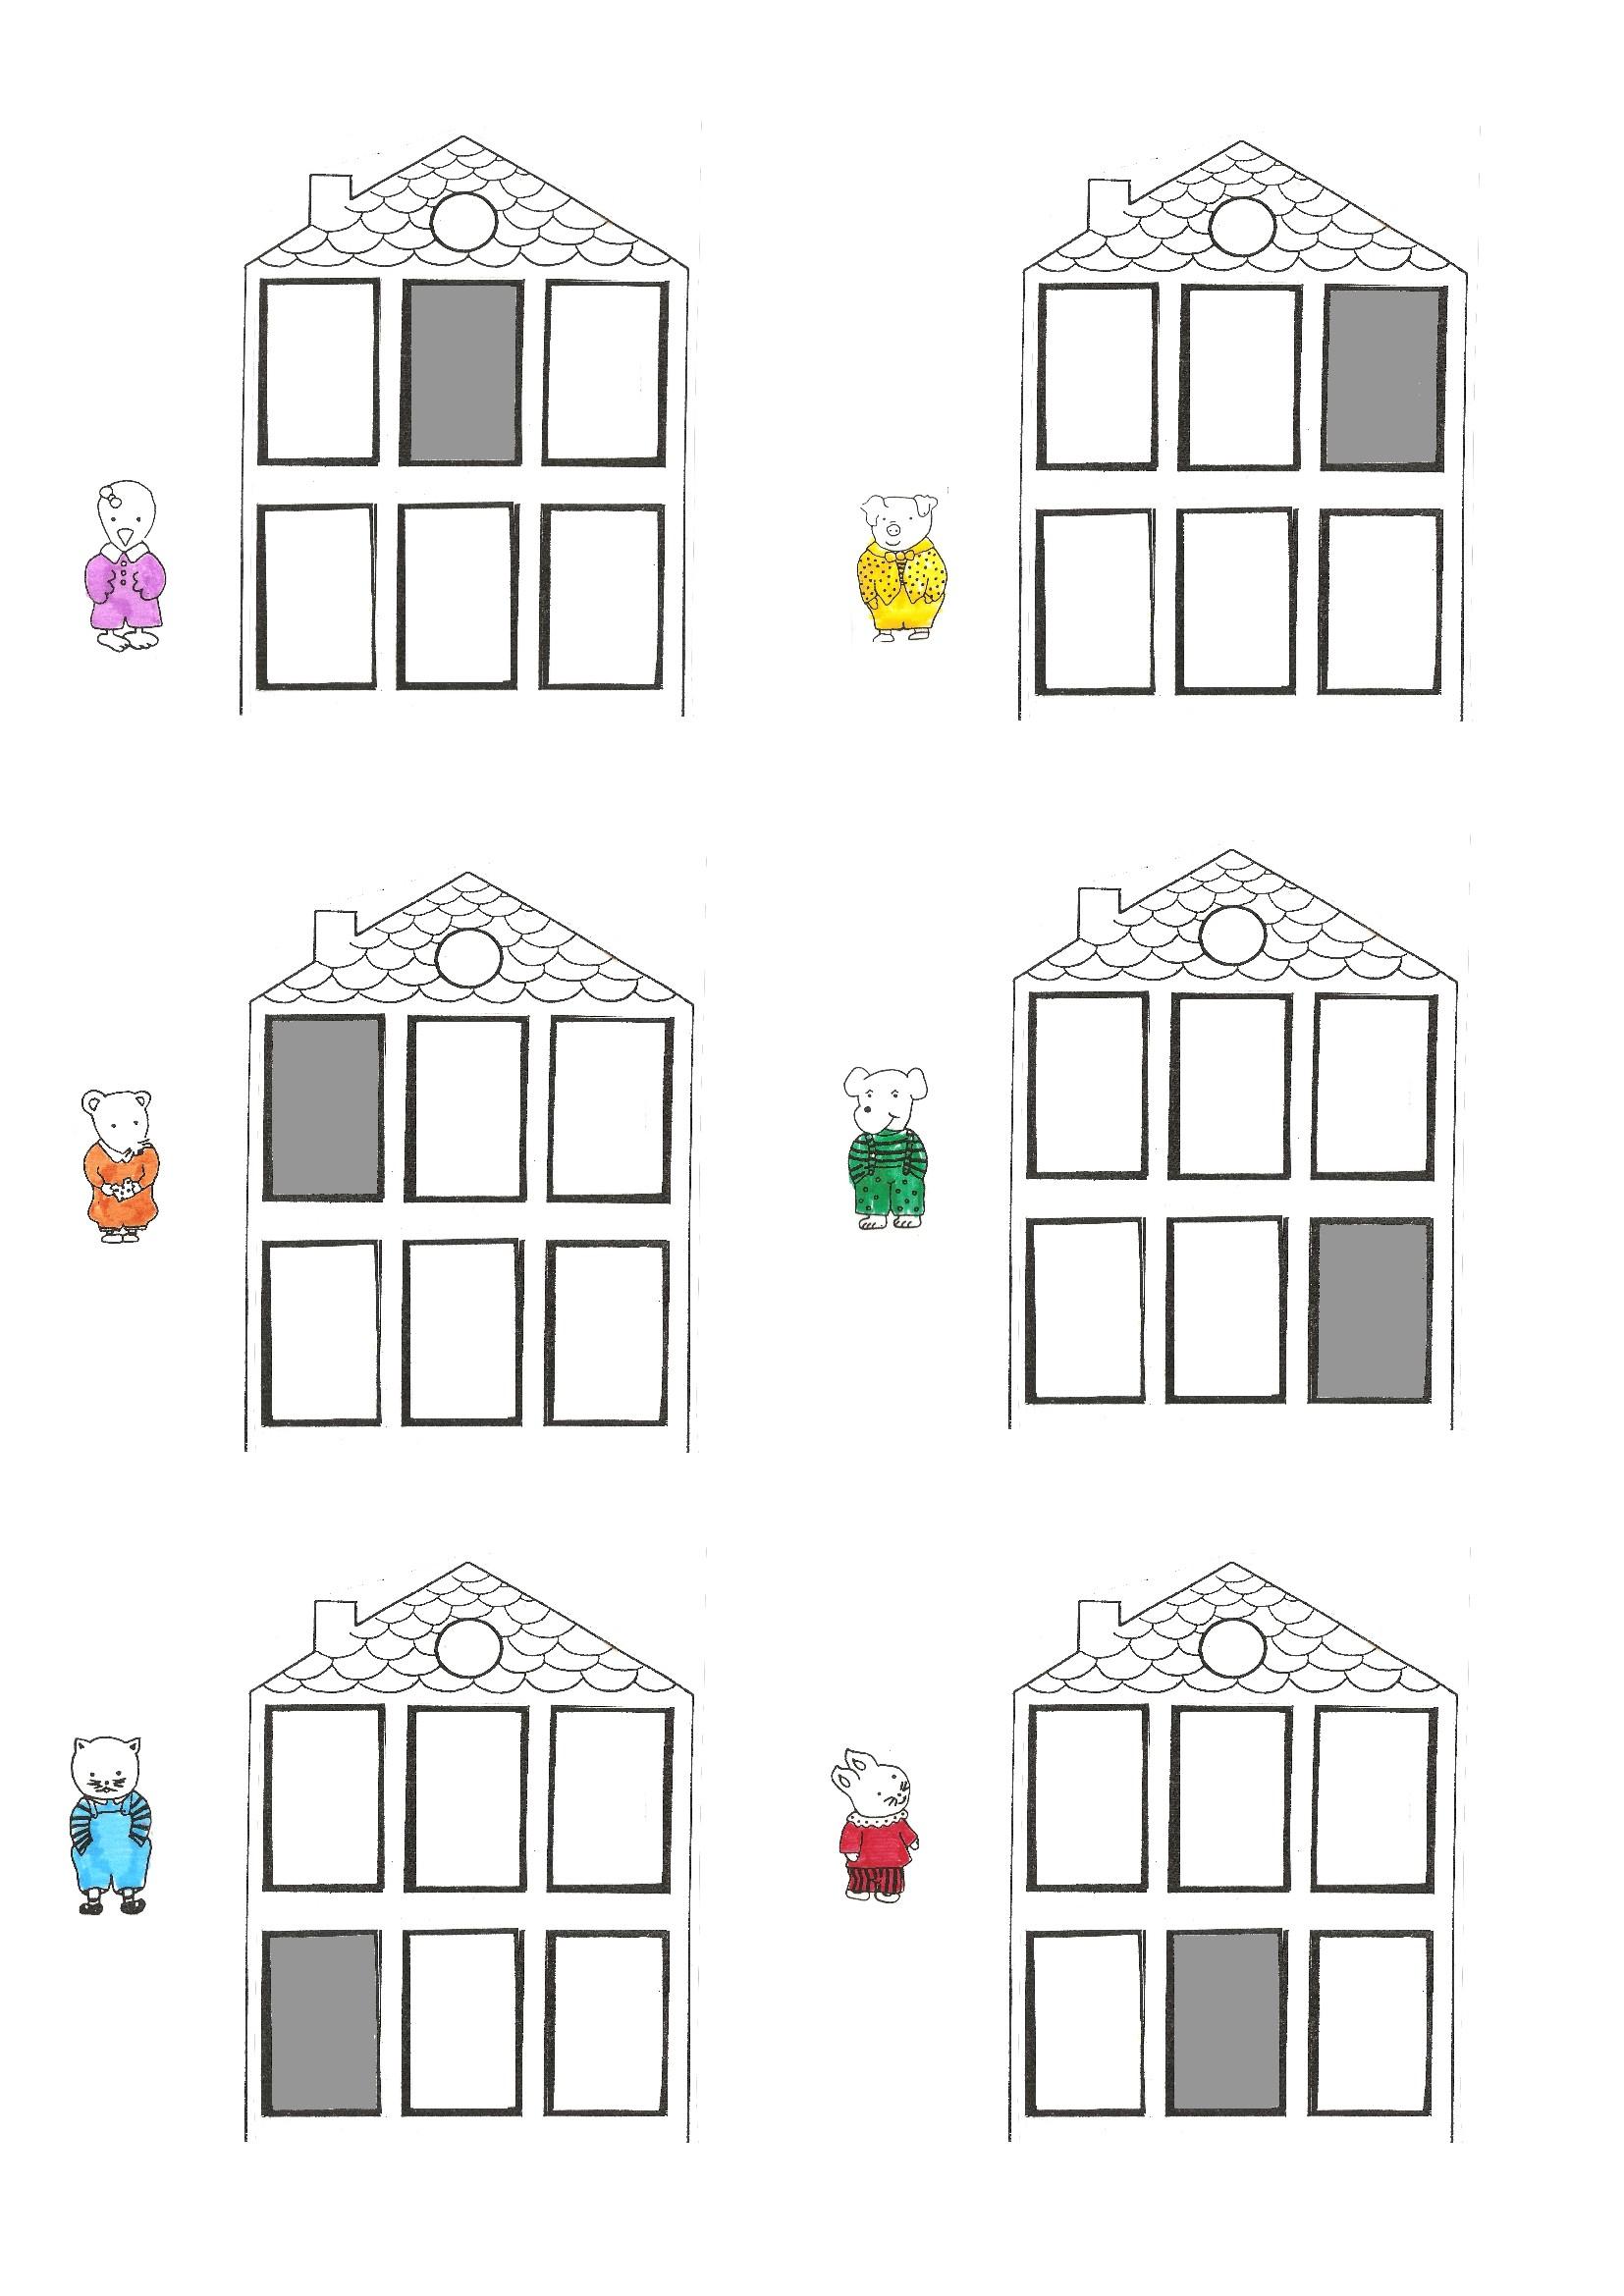 mic mac de arthur et marie avec fiches faites maison la classe de wjl. Black Bedroom Furniture Sets. Home Design Ideas